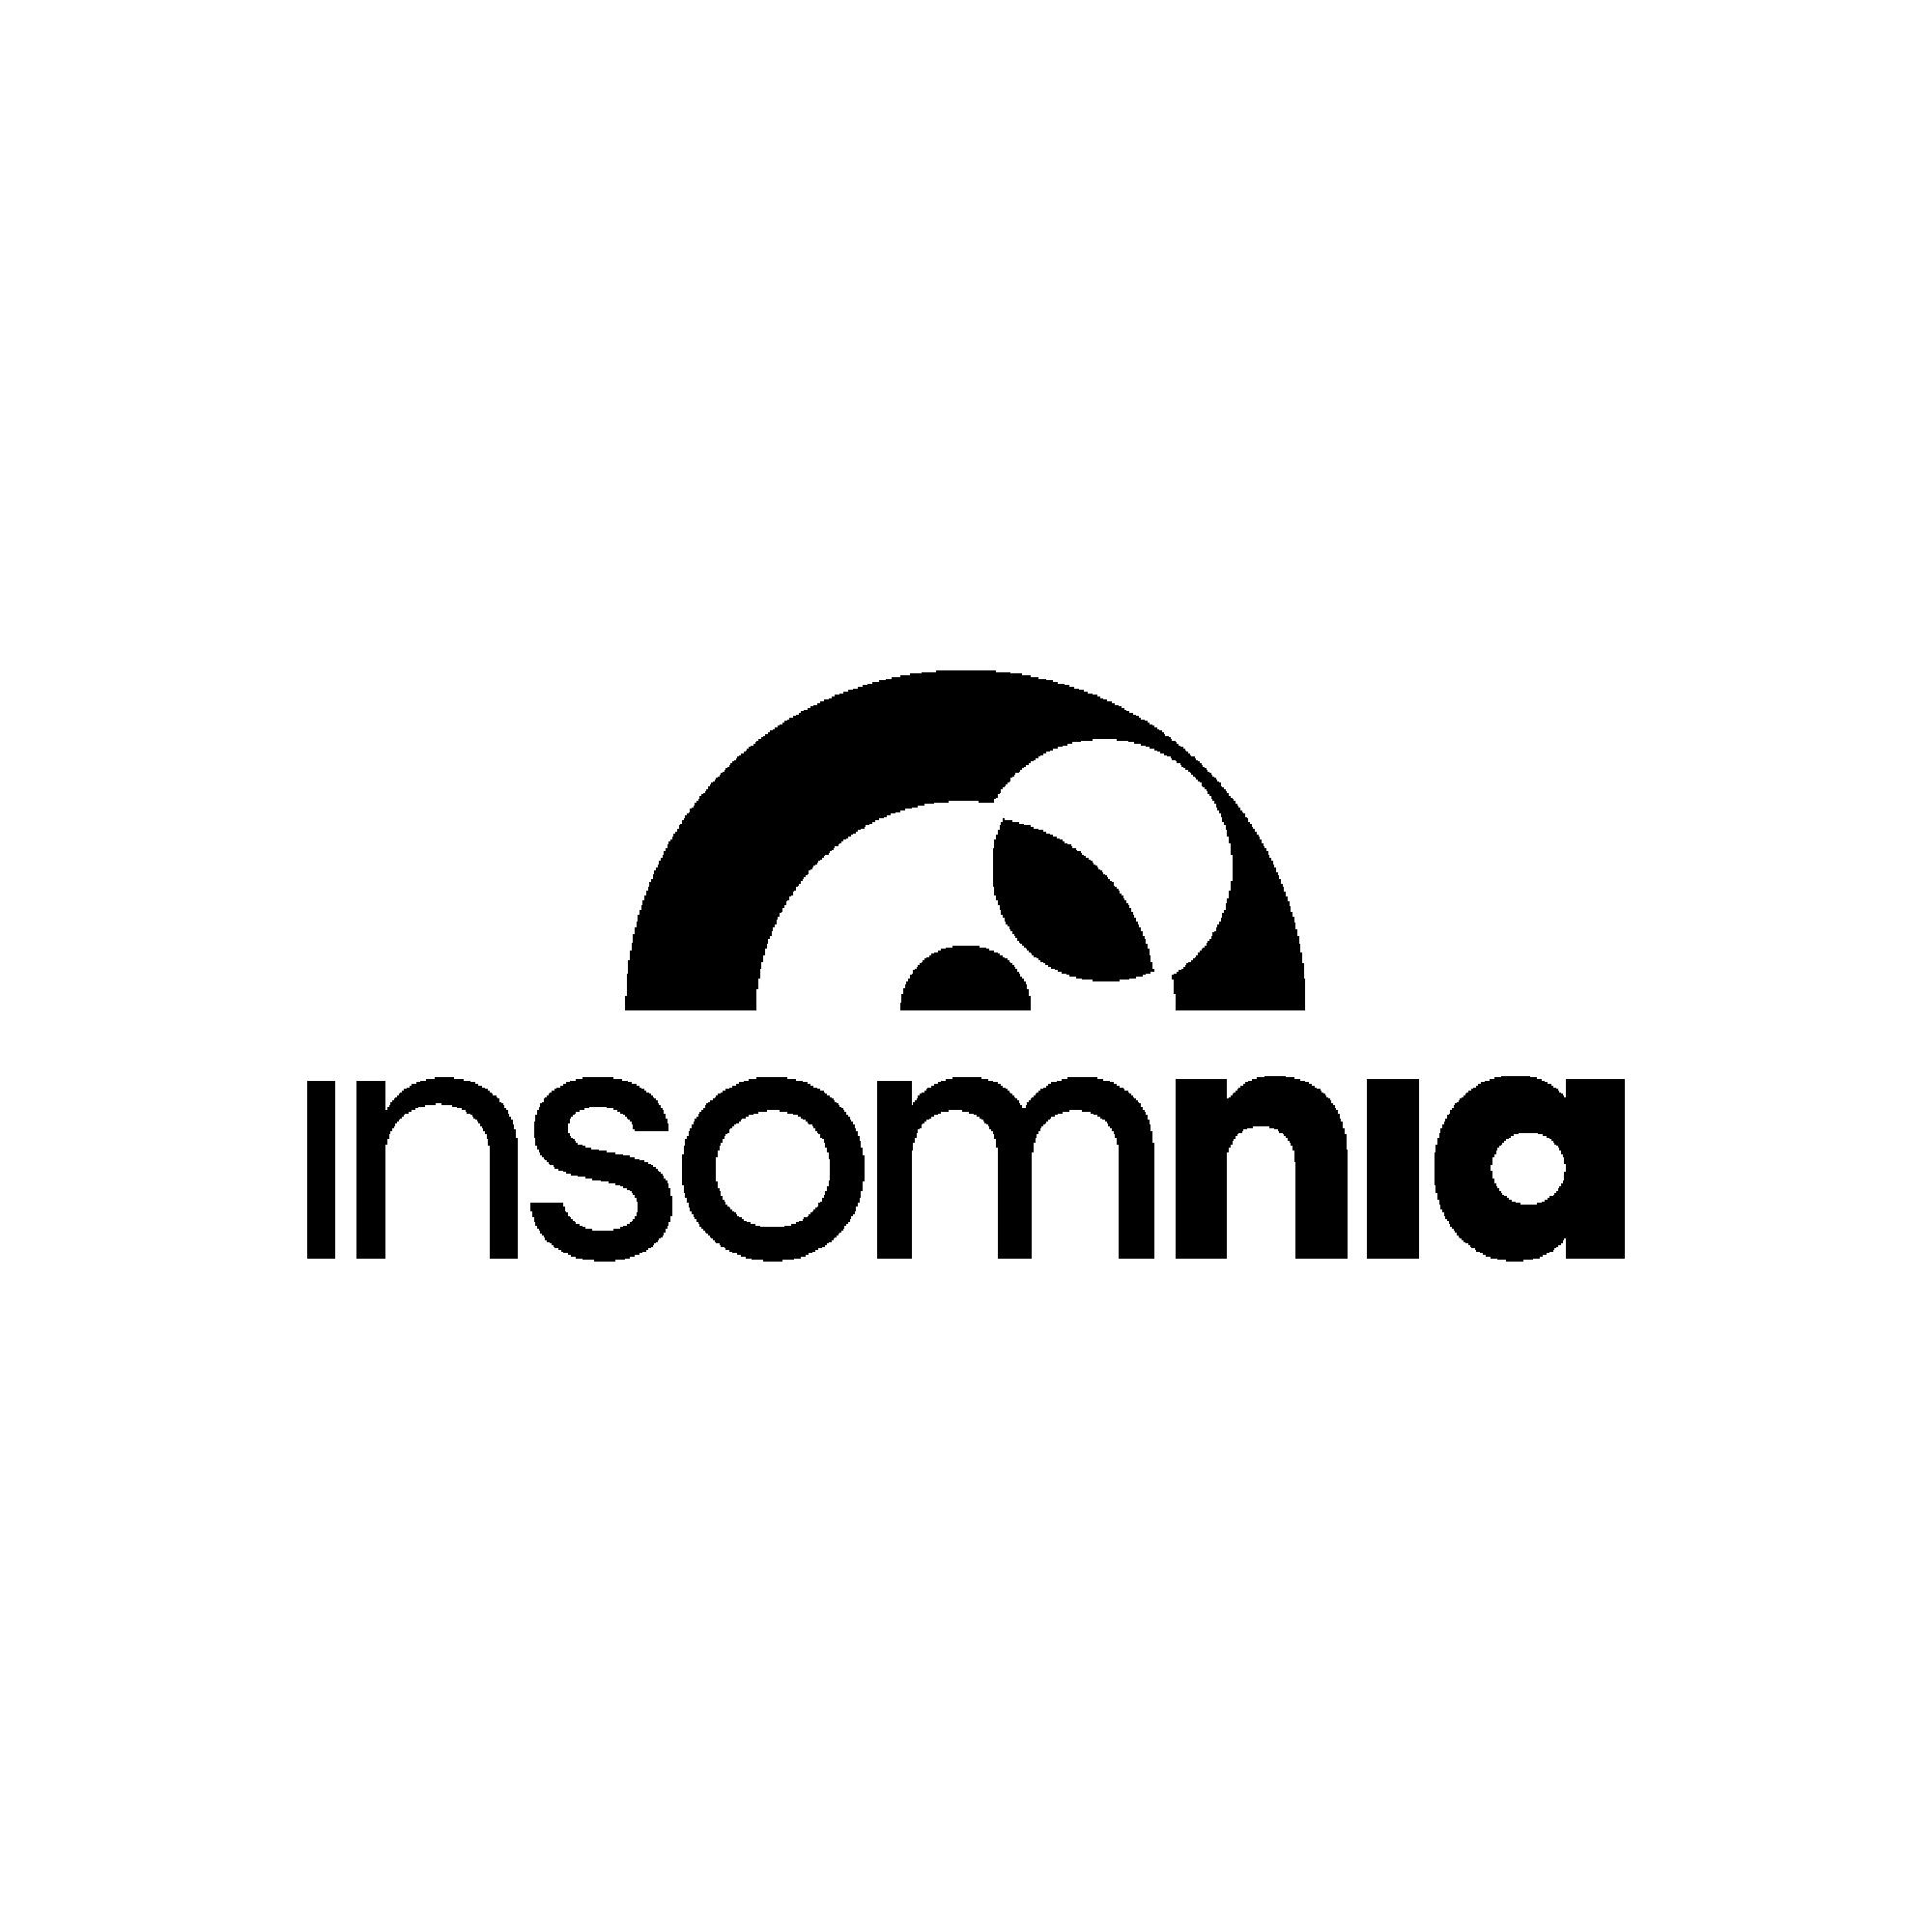 Insomnia logo dark